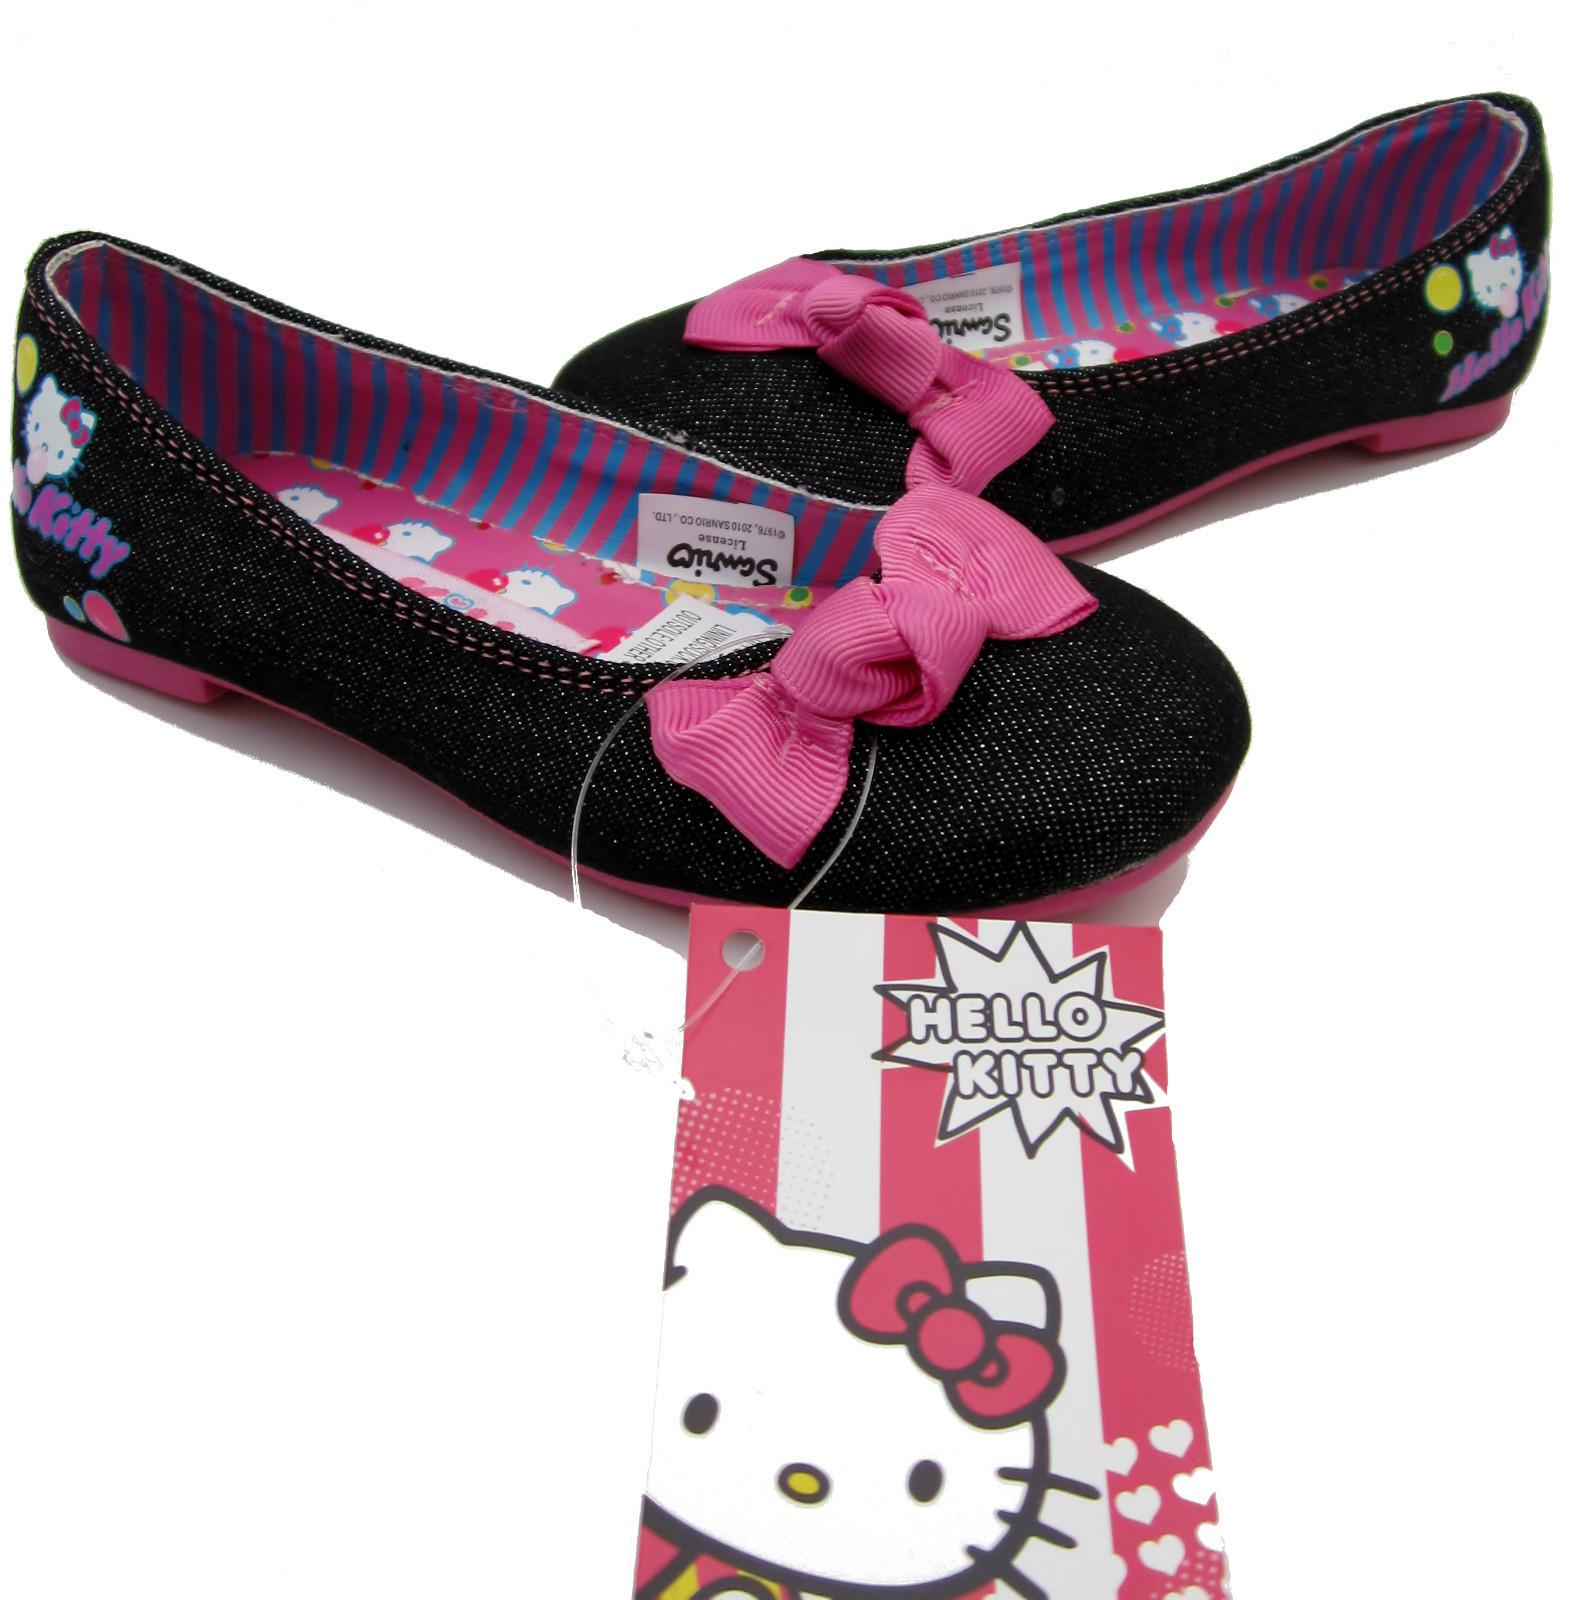 Hello kitty hello kitty ballerina shoes - Ballerine hello kitty ...